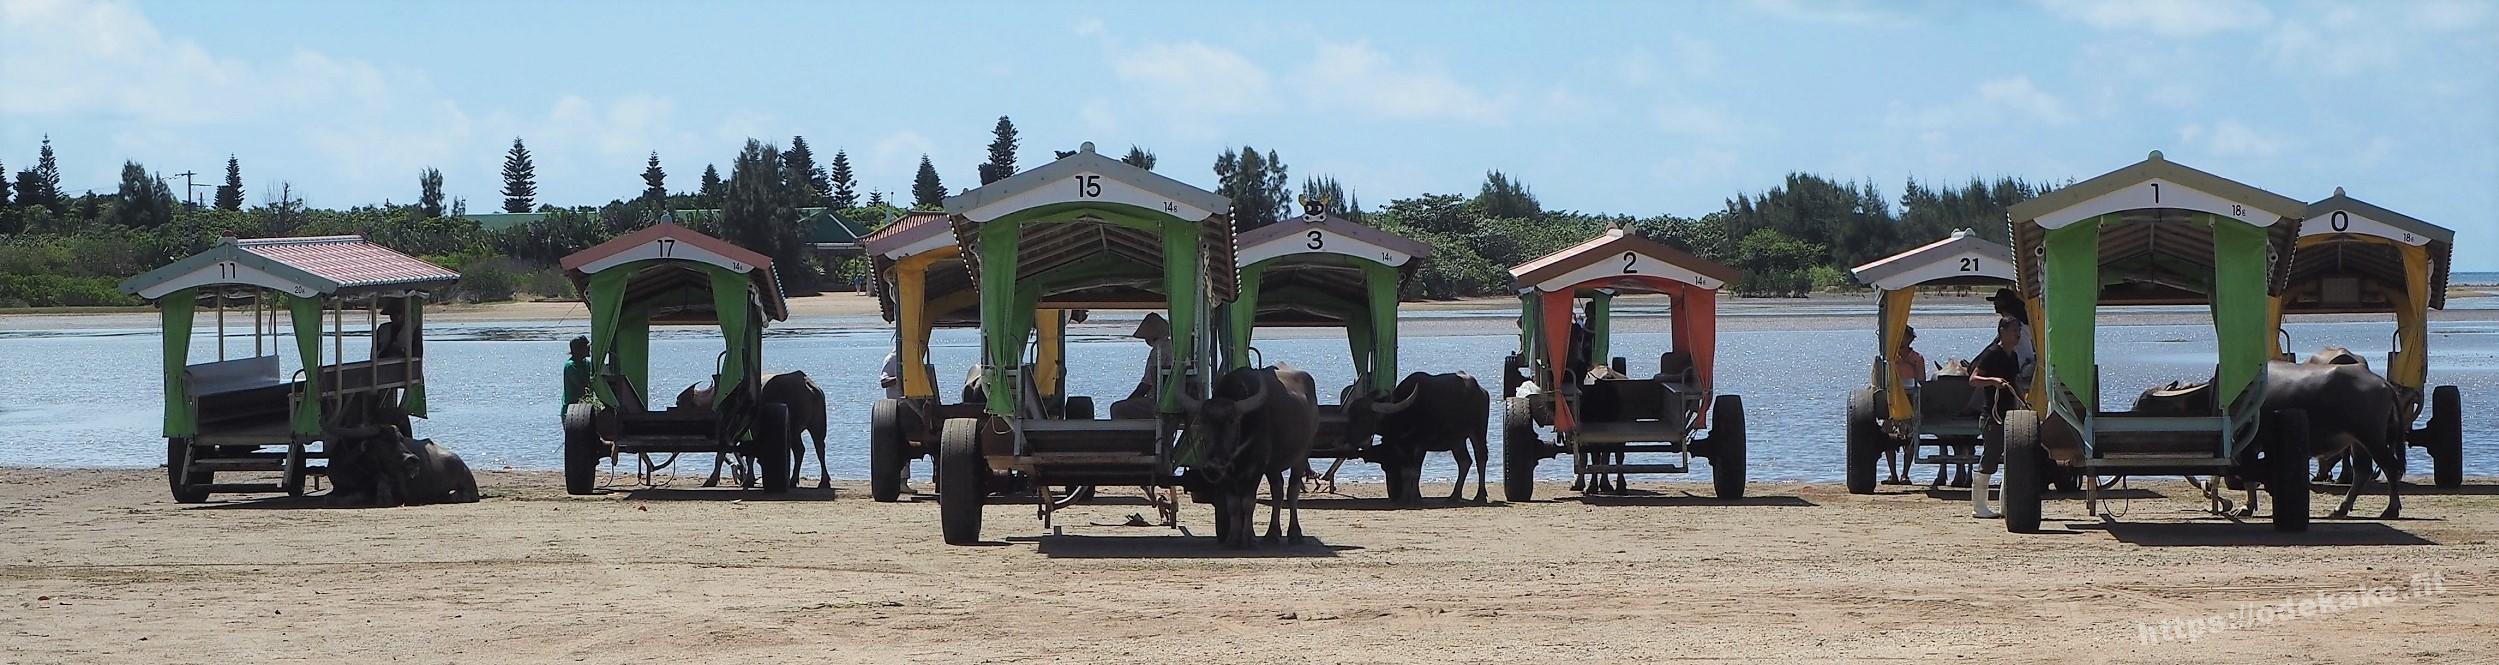 【西表島】次は由布島方面へ♪島へは『水牛車』でのんびり渡ります♪